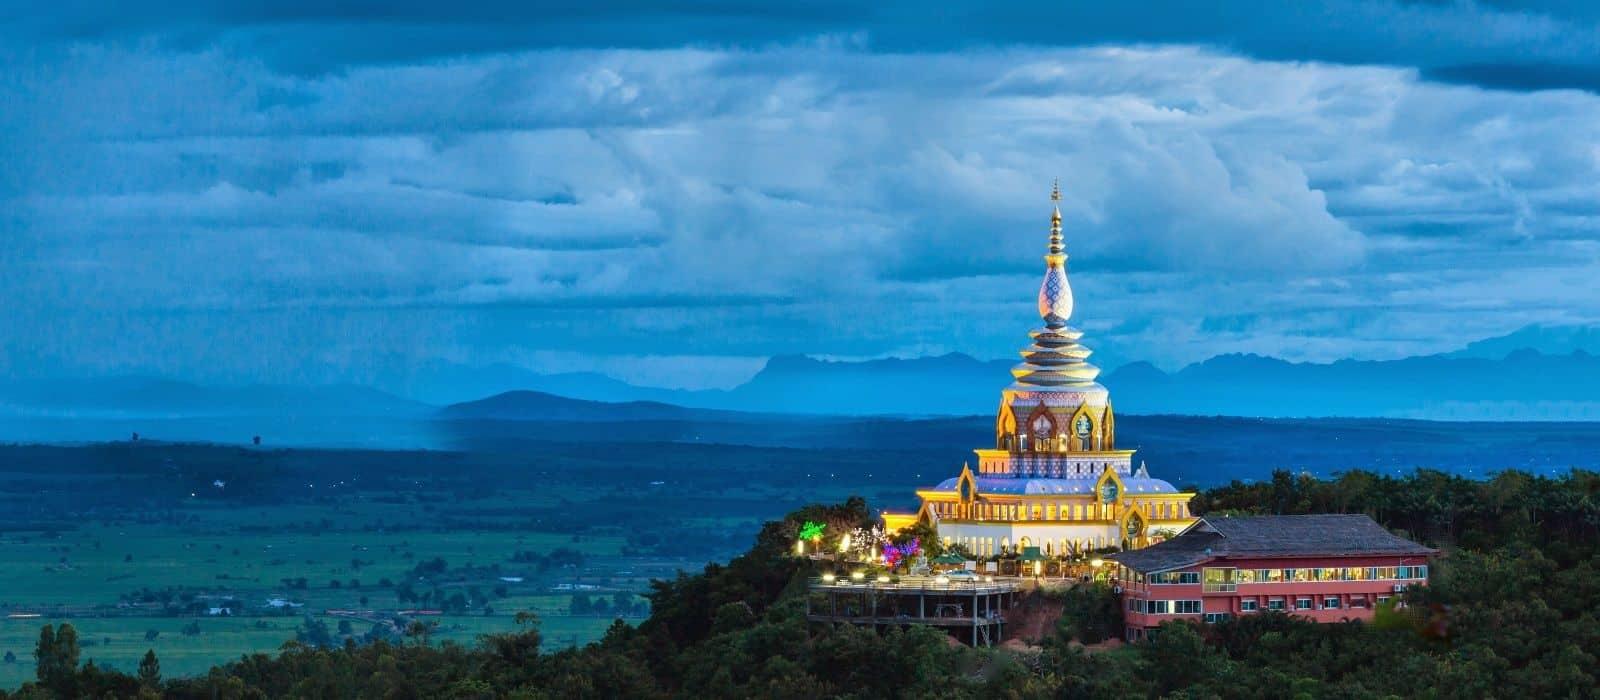 Buổi sáng bạn dành thời gian nghỉ ngơi, mua sắm và sắp xếp hành lý trở về Việt Nam.